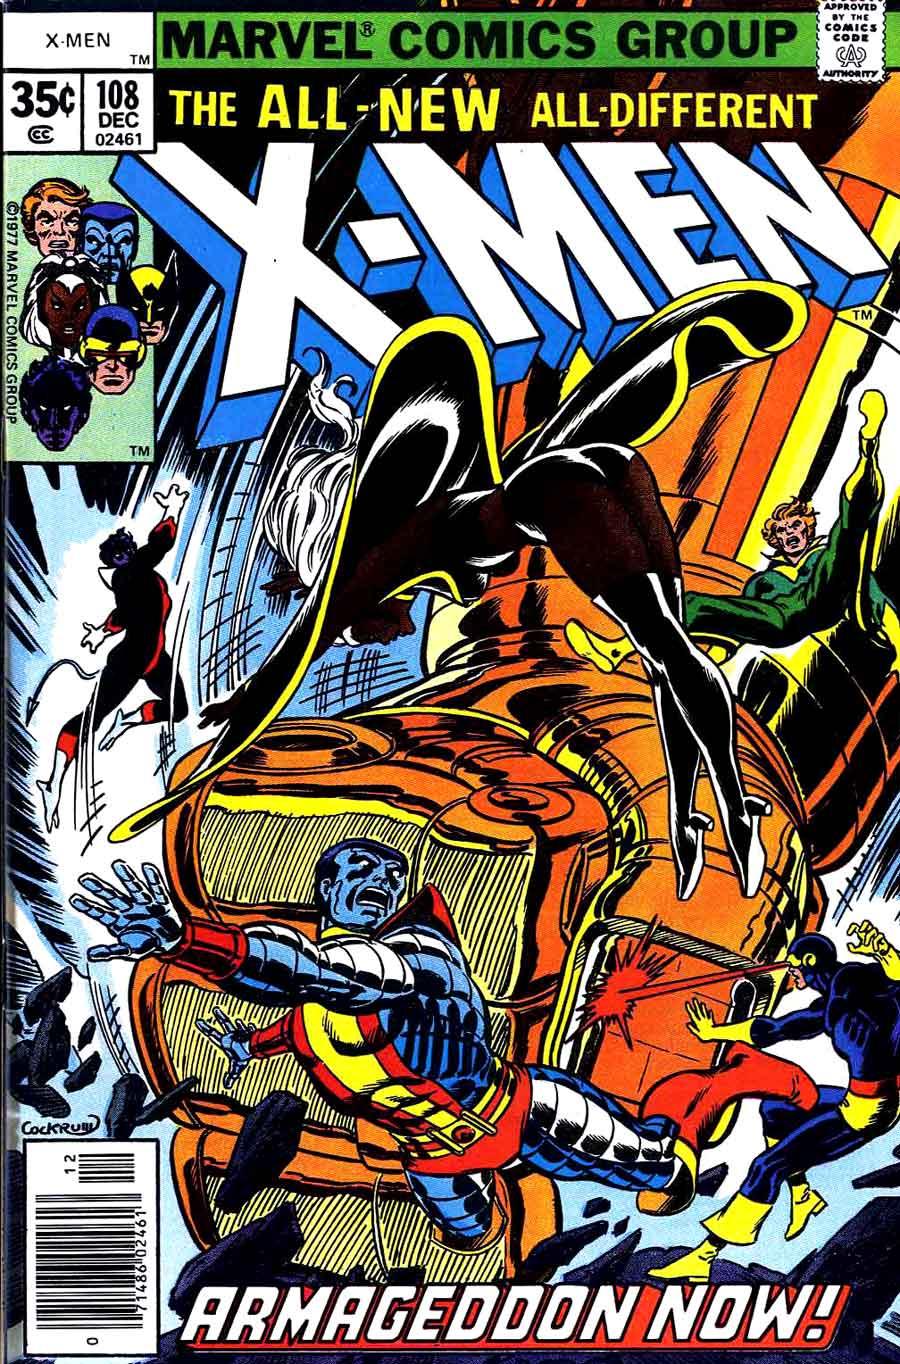 X-men v1 #108 marvel comic book cover art by John Byrne